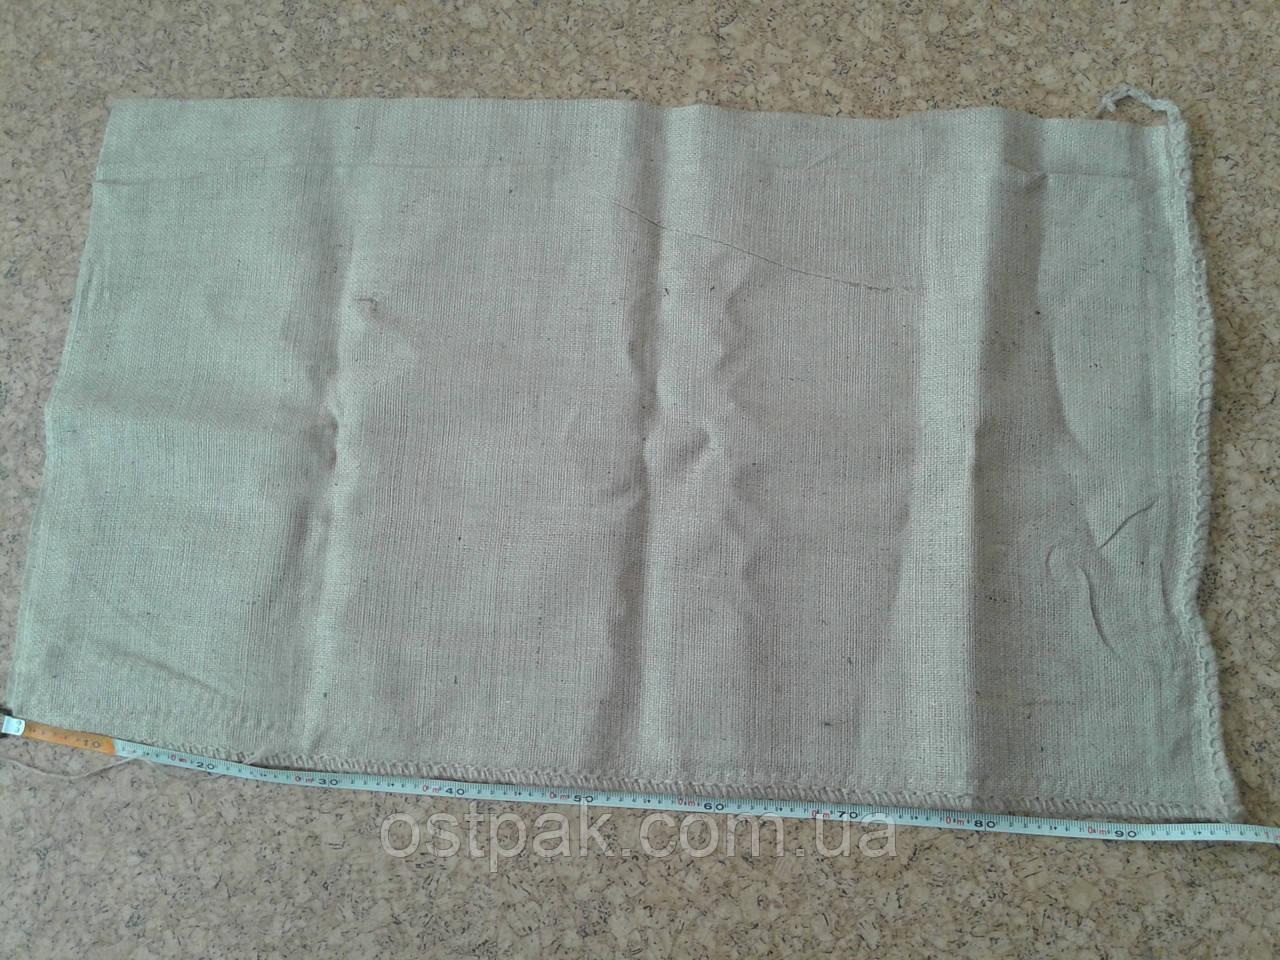 Джутовые мешки, б/у на 50-70 кг с печатью